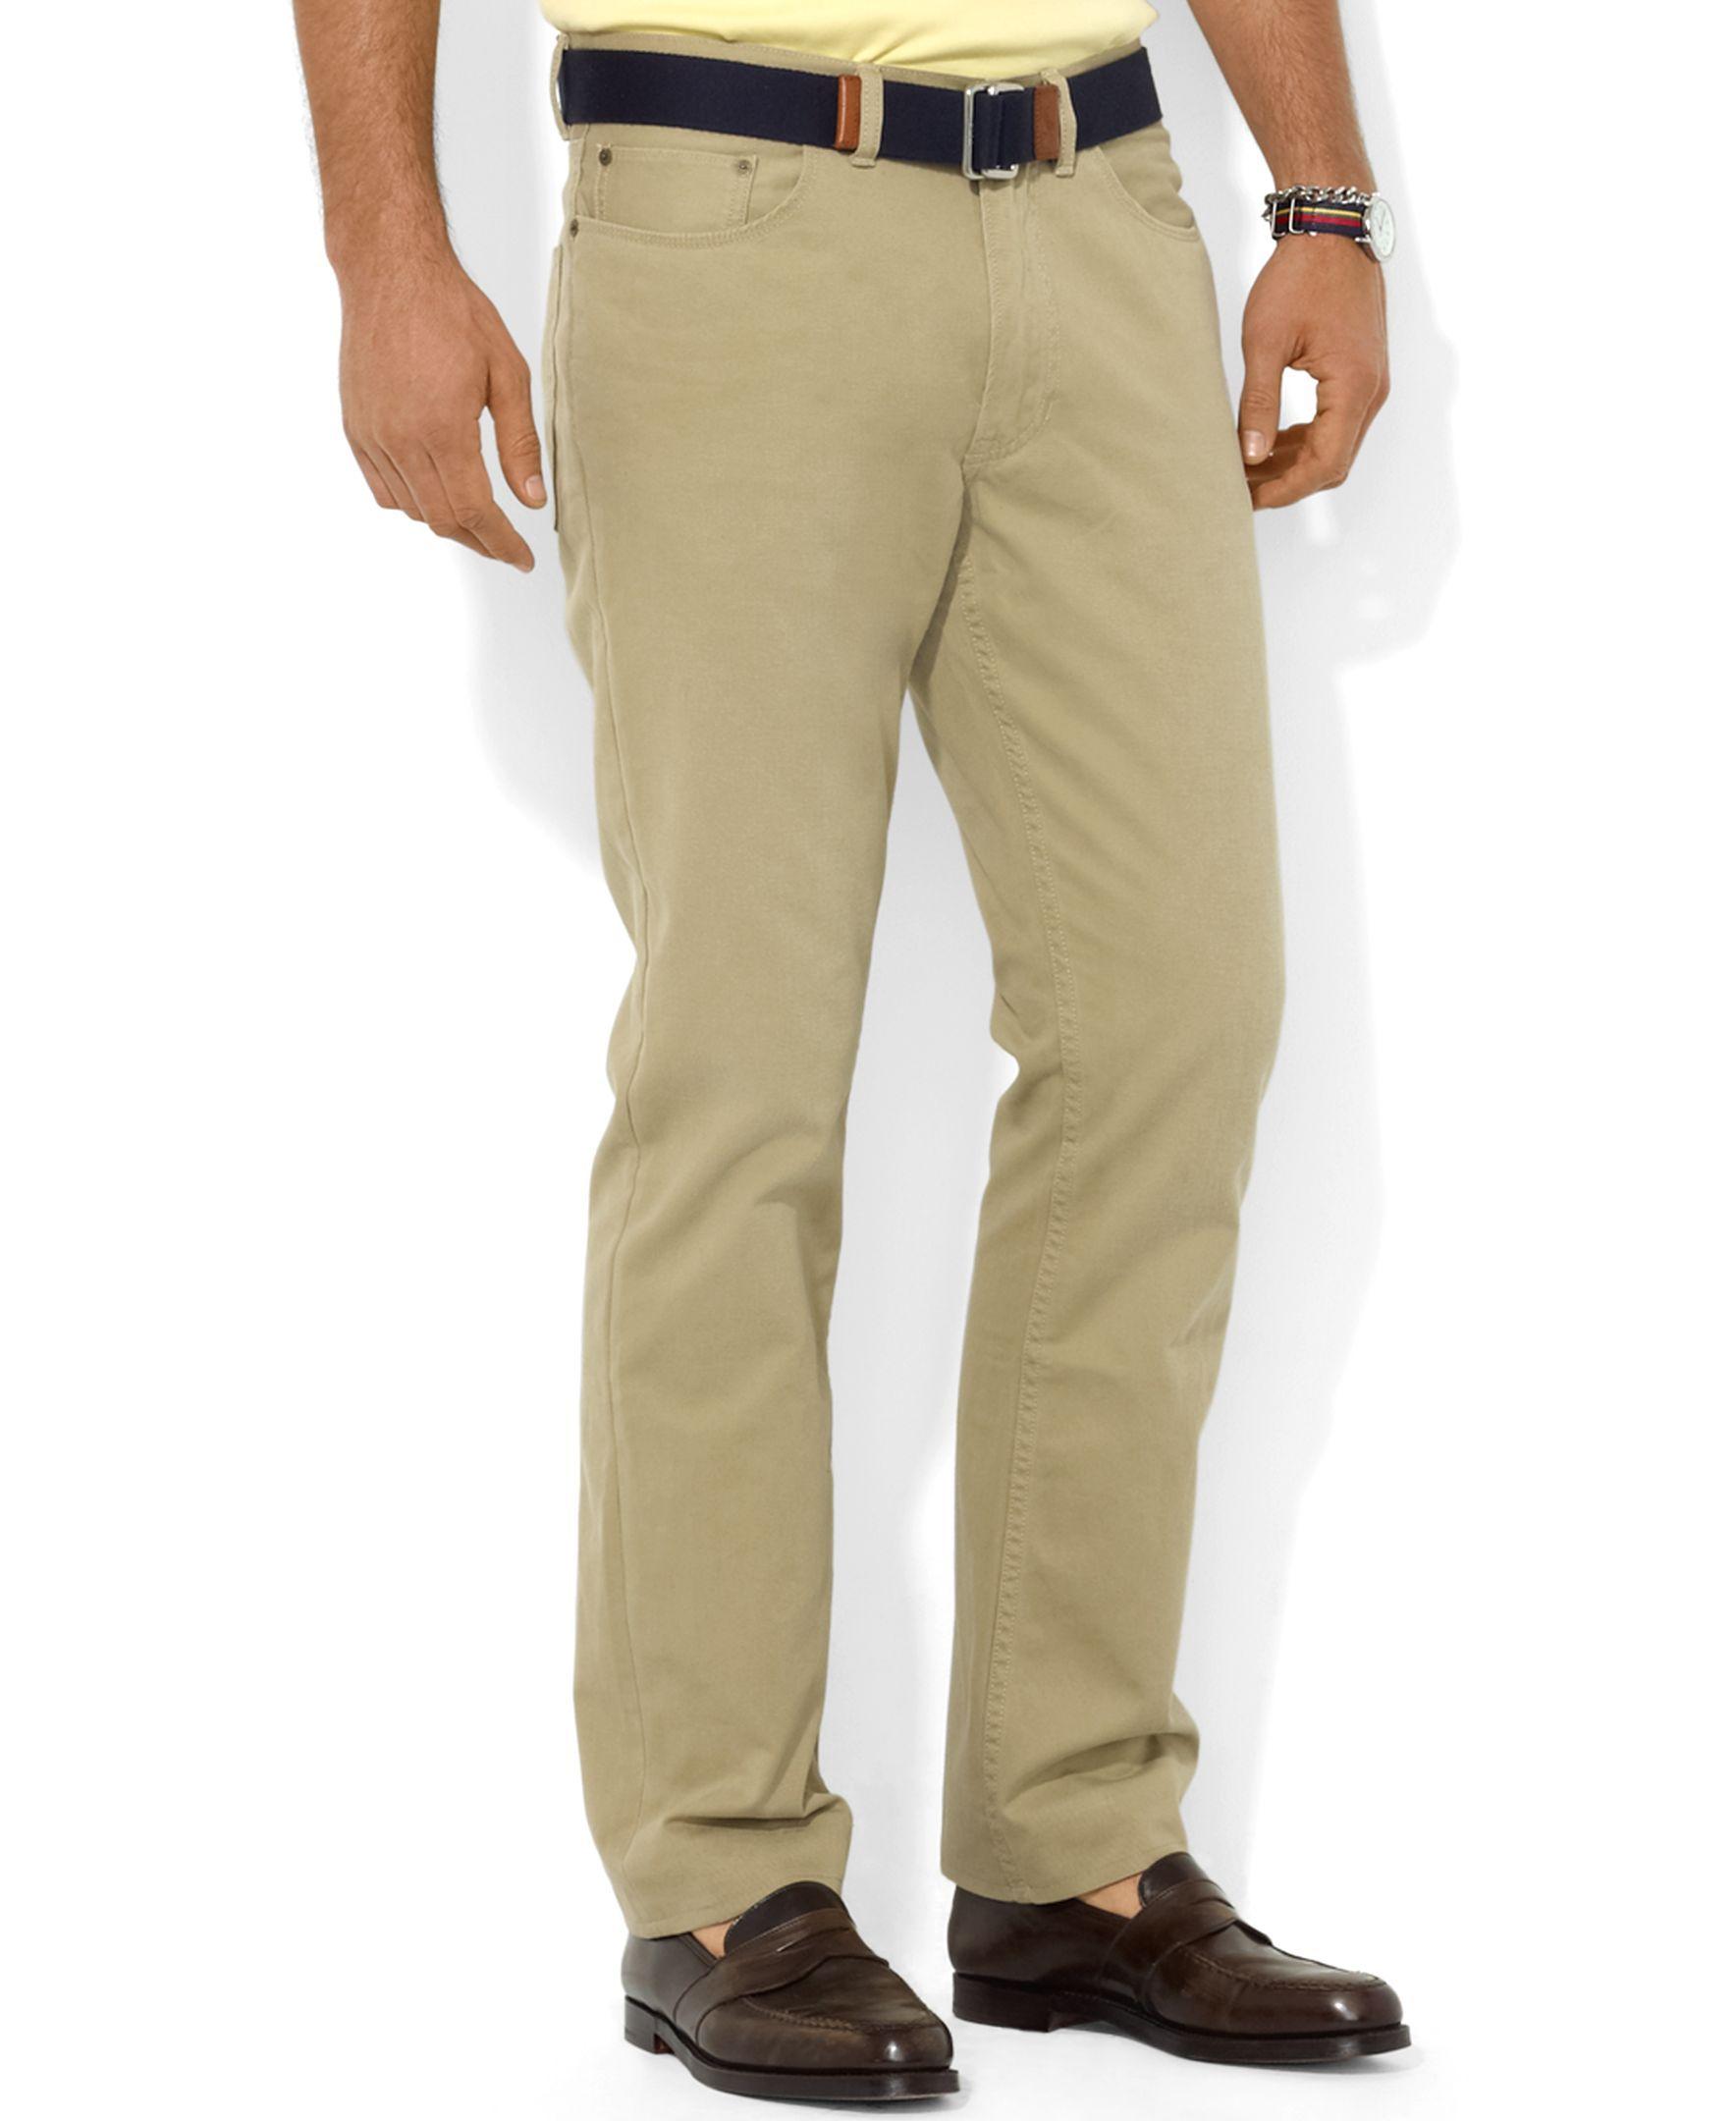 eace026cc072 Polo Ralph Lauren Core Pants